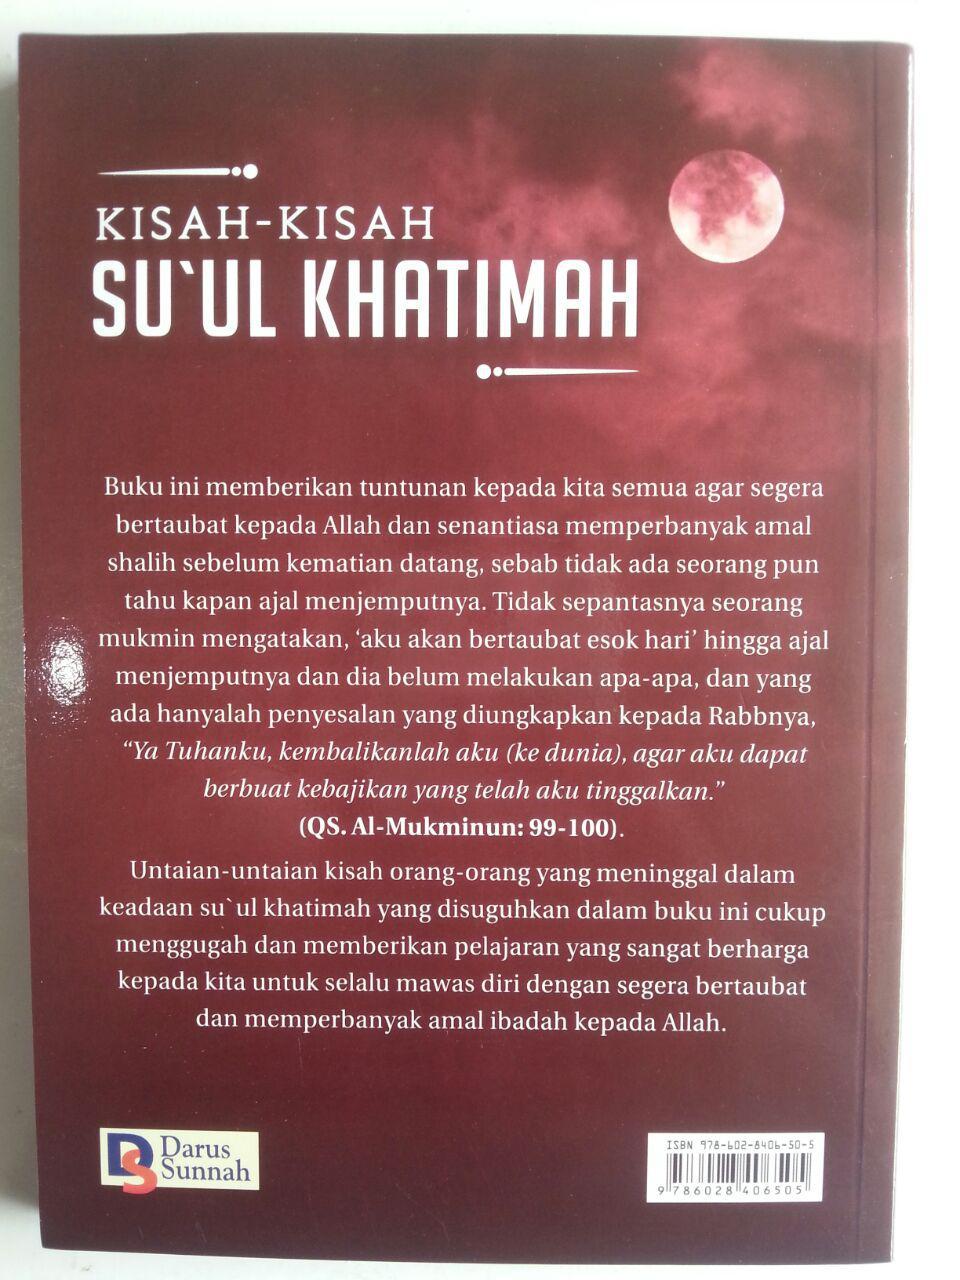 Buku Kisah-Kisah Su'ul Khatimah Kematian Yang Buruk cover